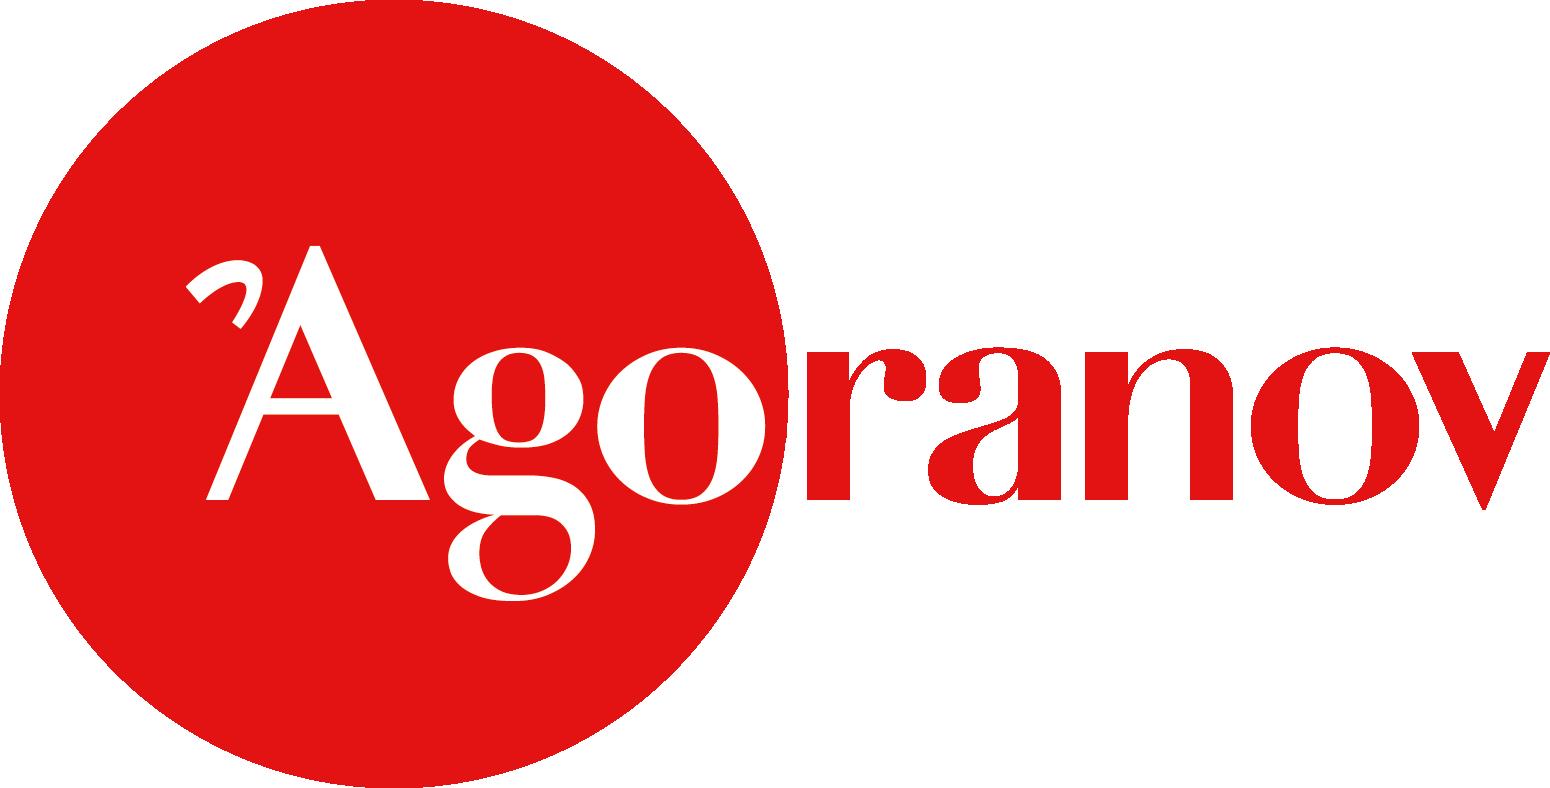 Logo of Agoranov